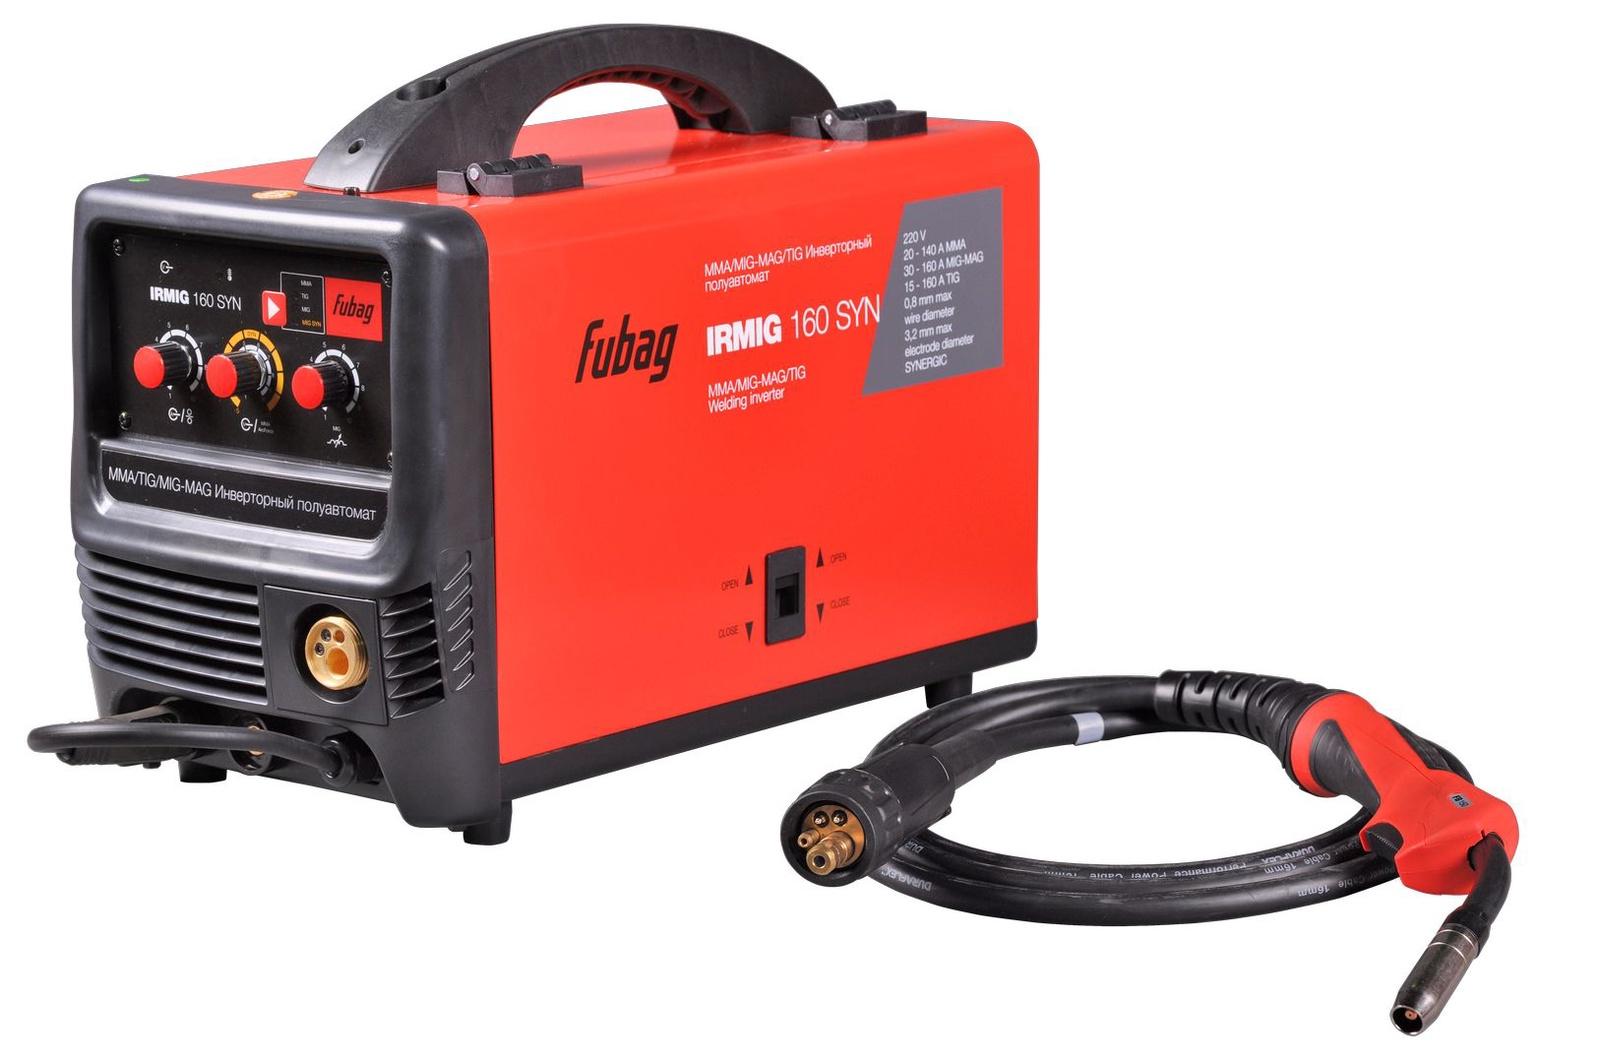 Сварочный аппарат FUBAG IRMIG 160 SYN, красный, черный